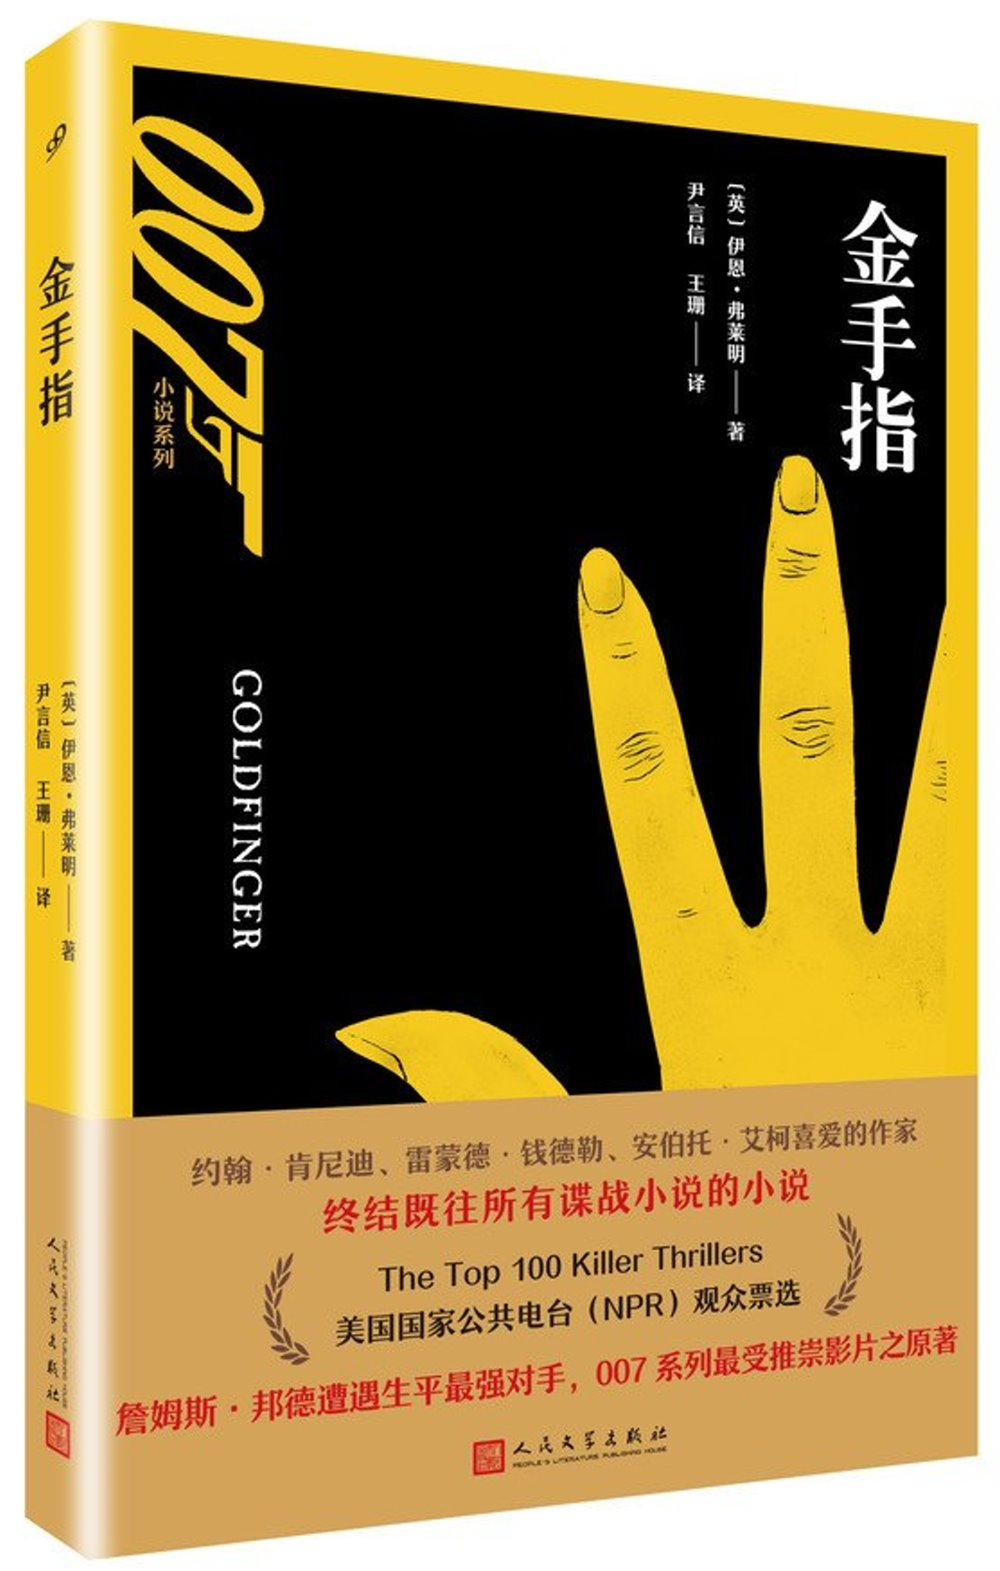 007小說系列:金手指